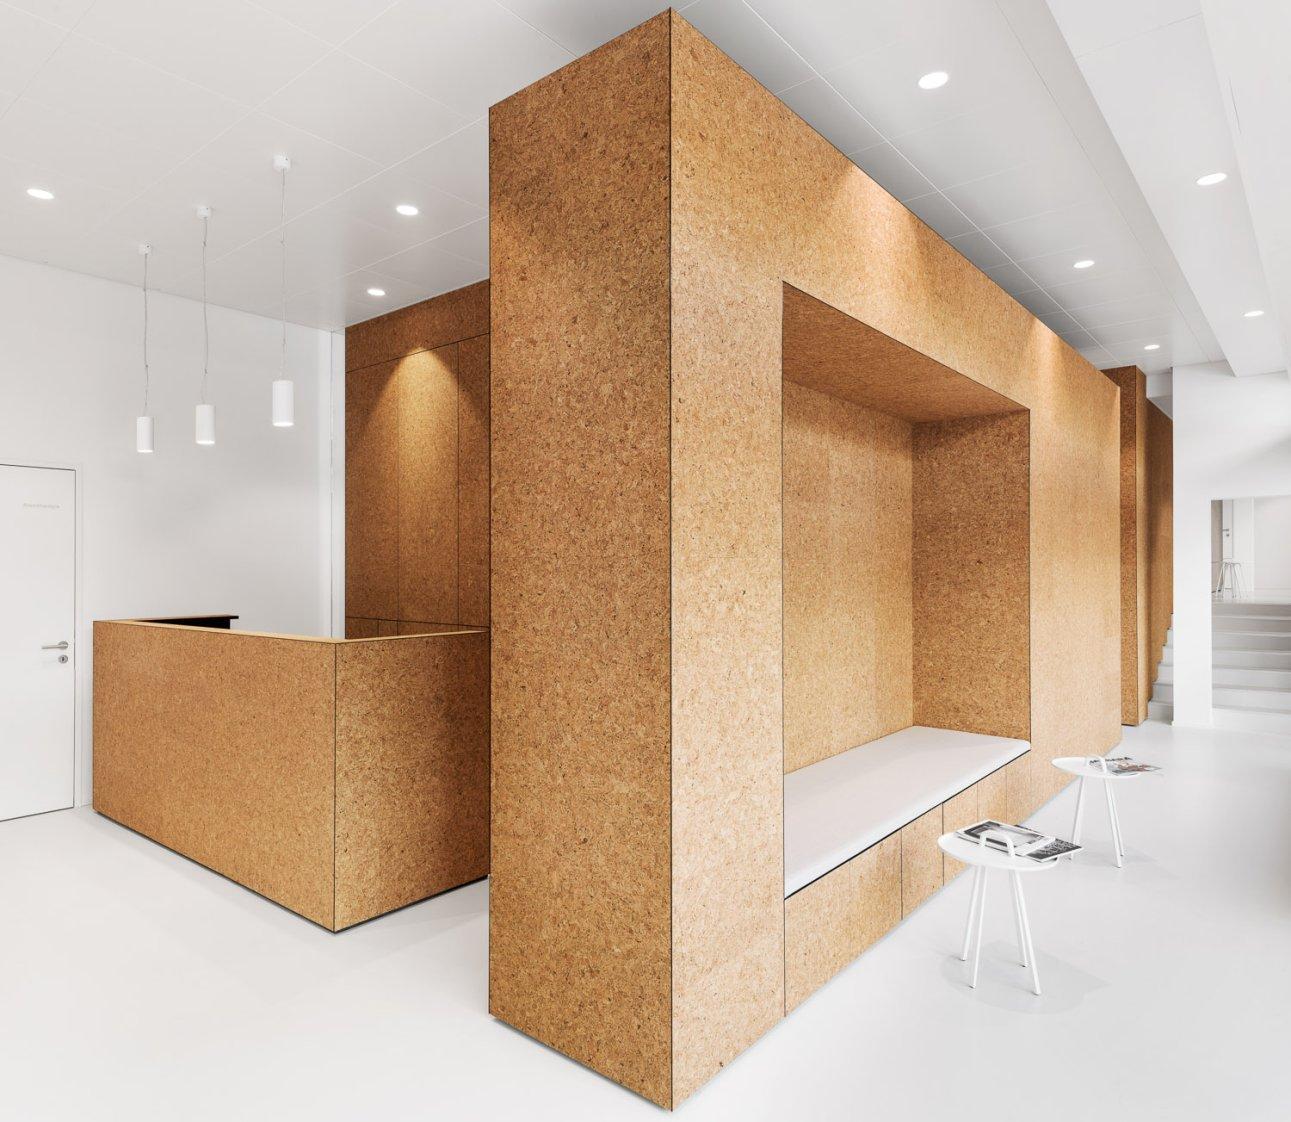 Herzpraxis Zürich Höngg   Dost    Architektur / Innenarchitektur ...